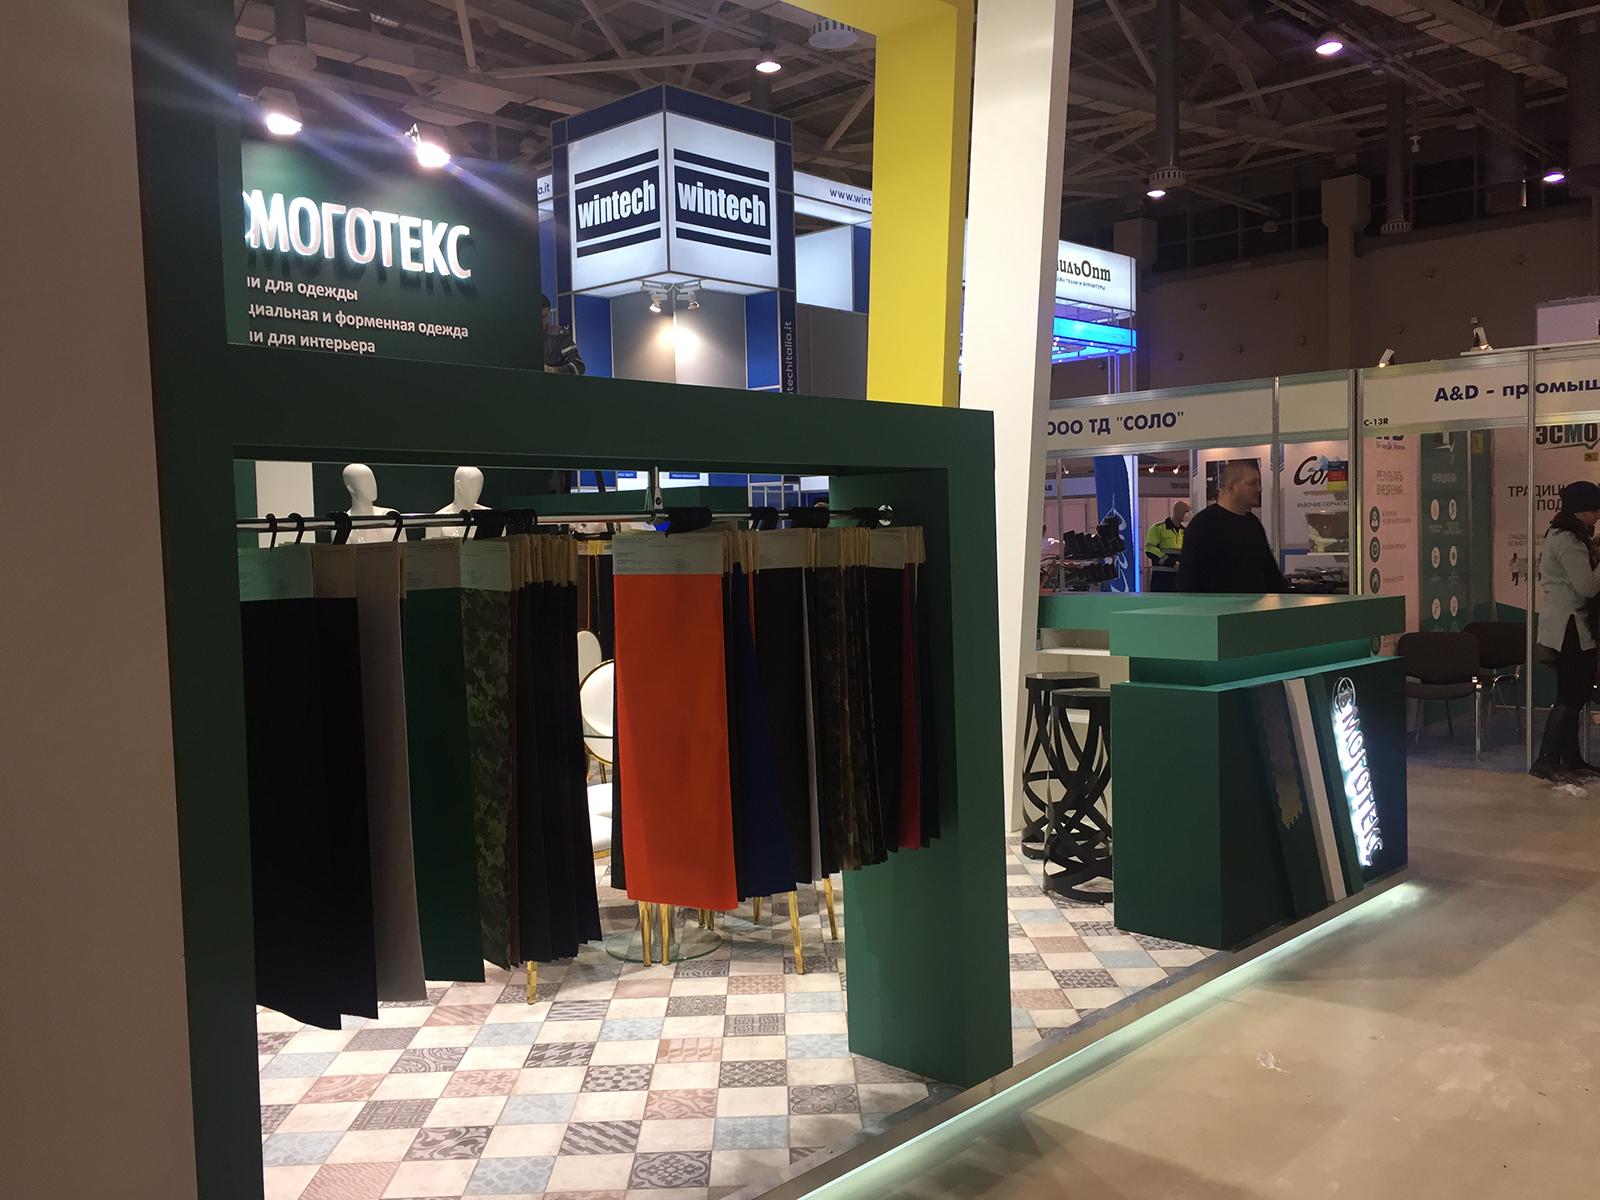 Mogoteks-2017-10